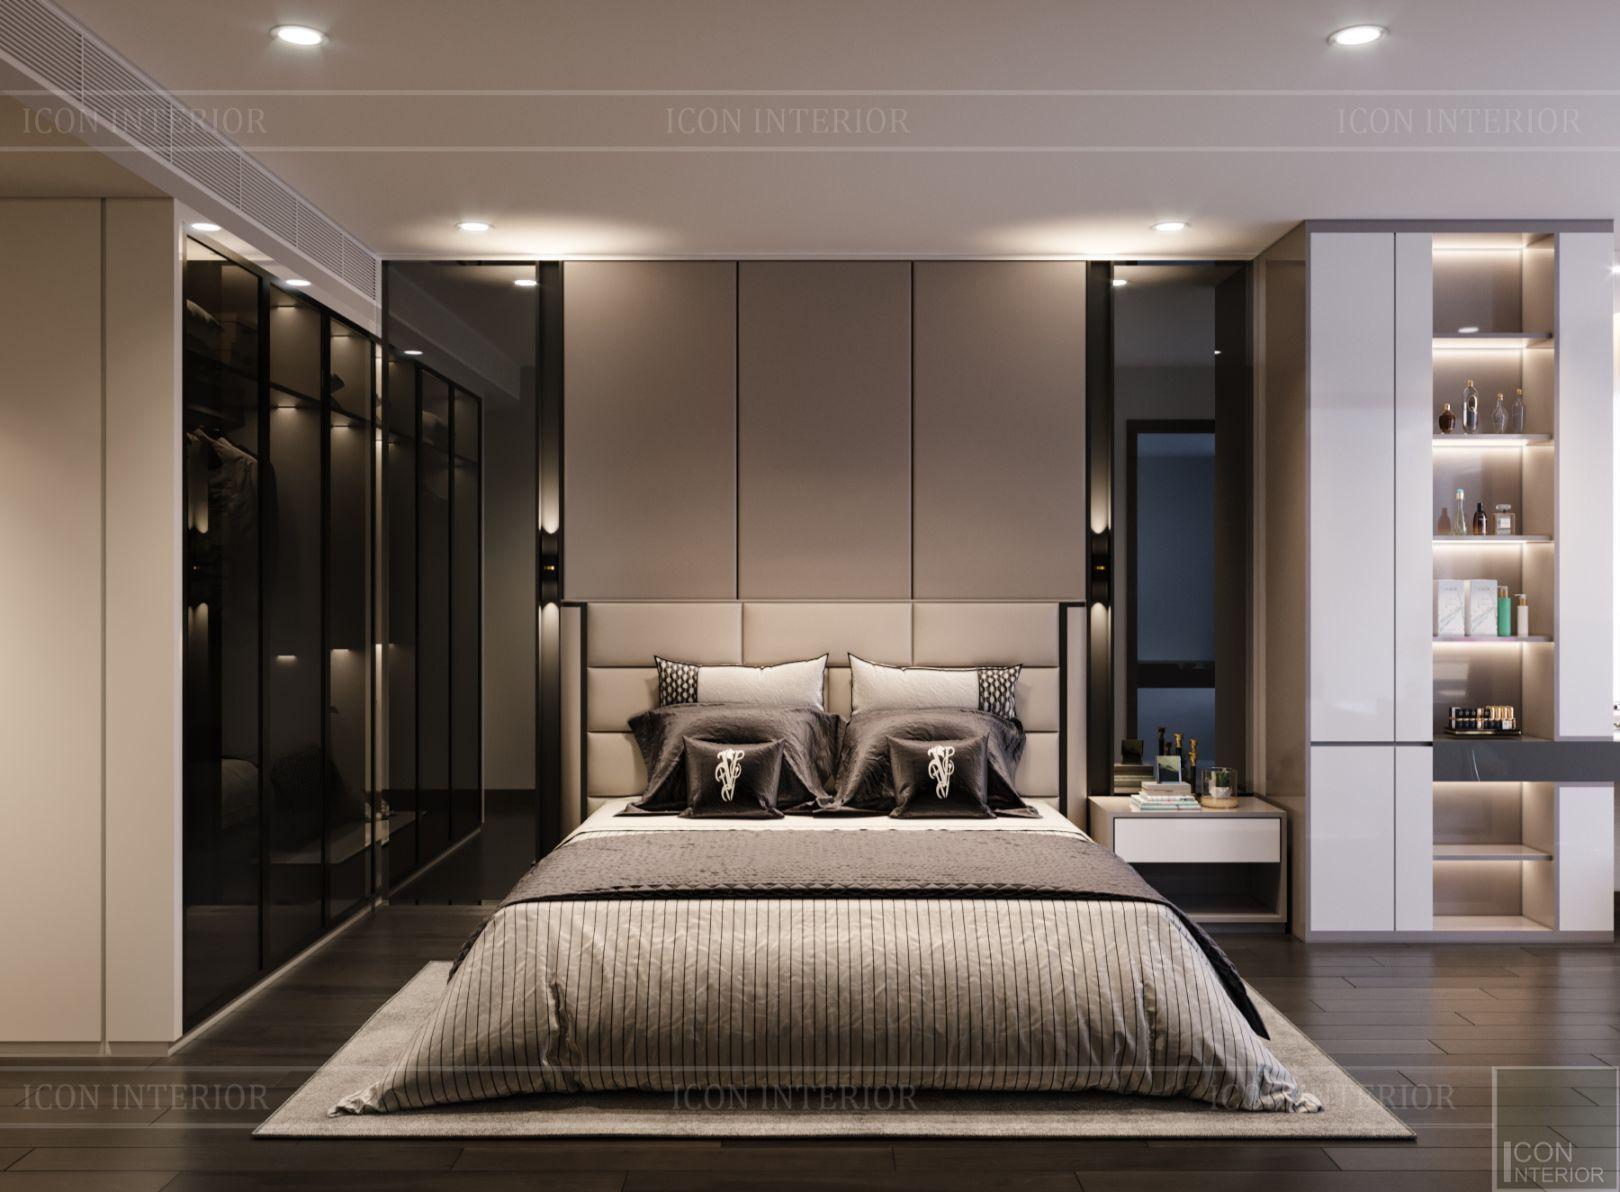 thiết kế nội thất căn hộ diamond island - phòng ngủ master 3